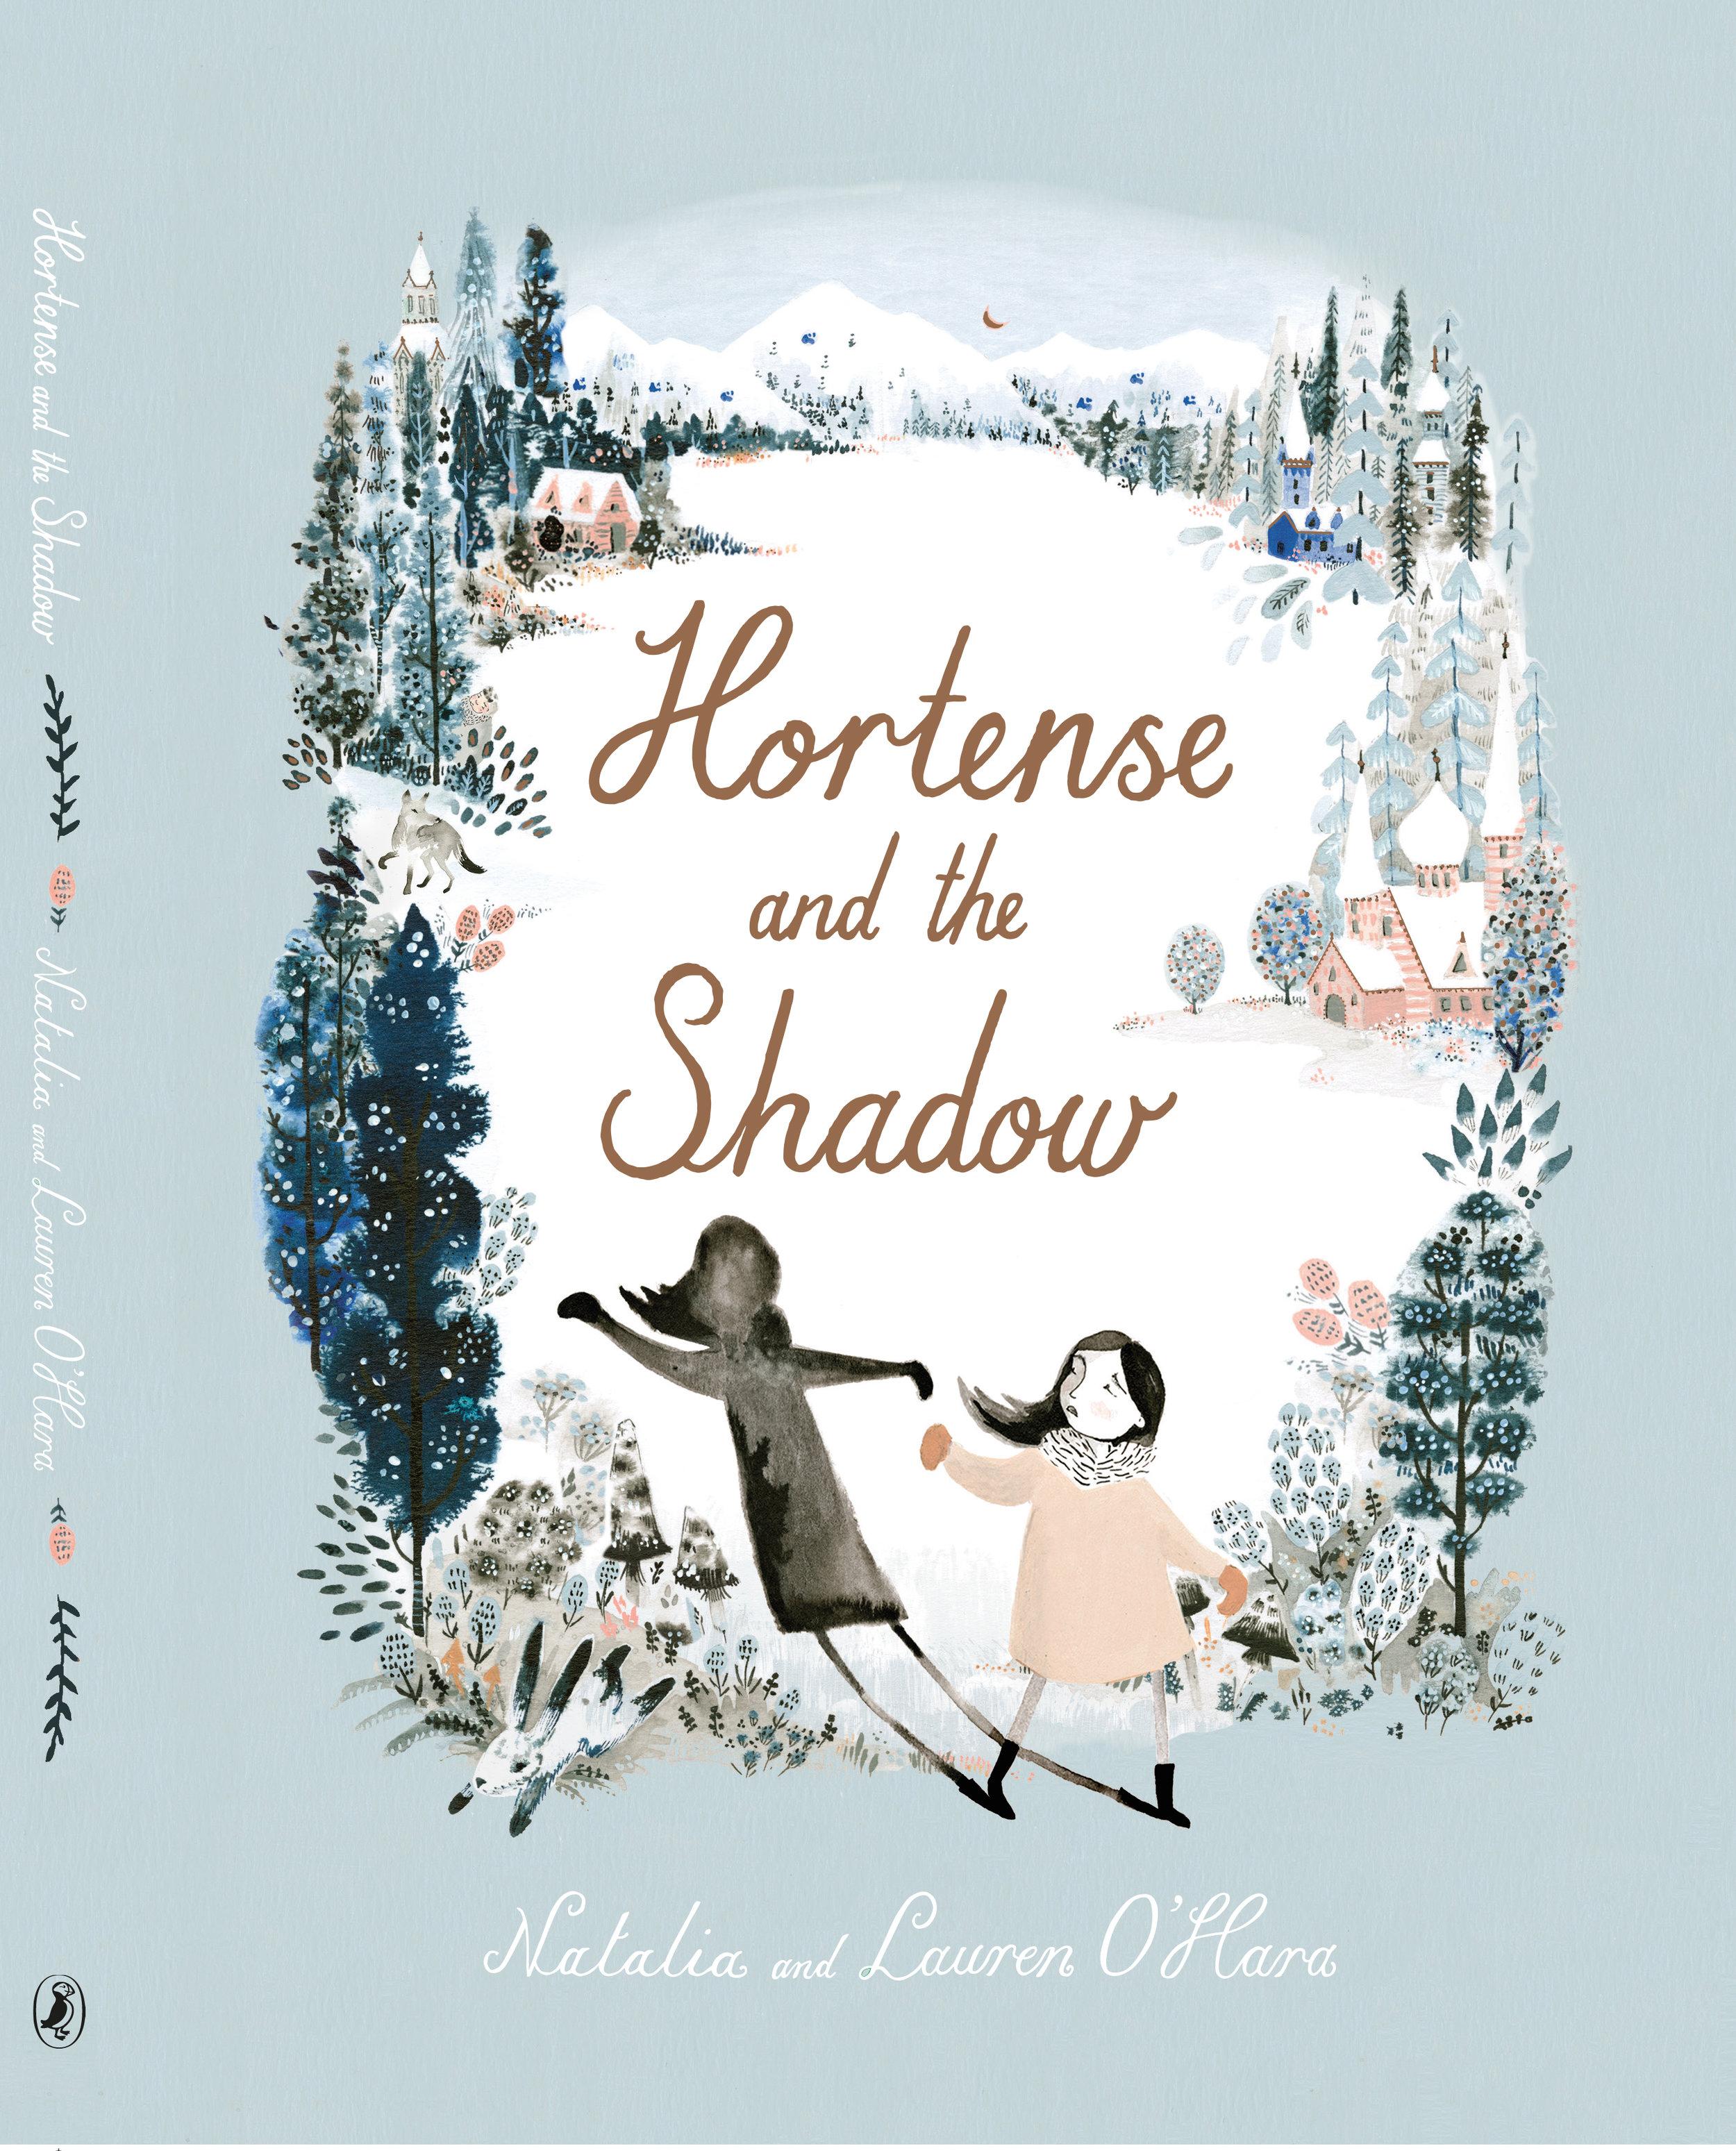 Hortense final cover.jpg